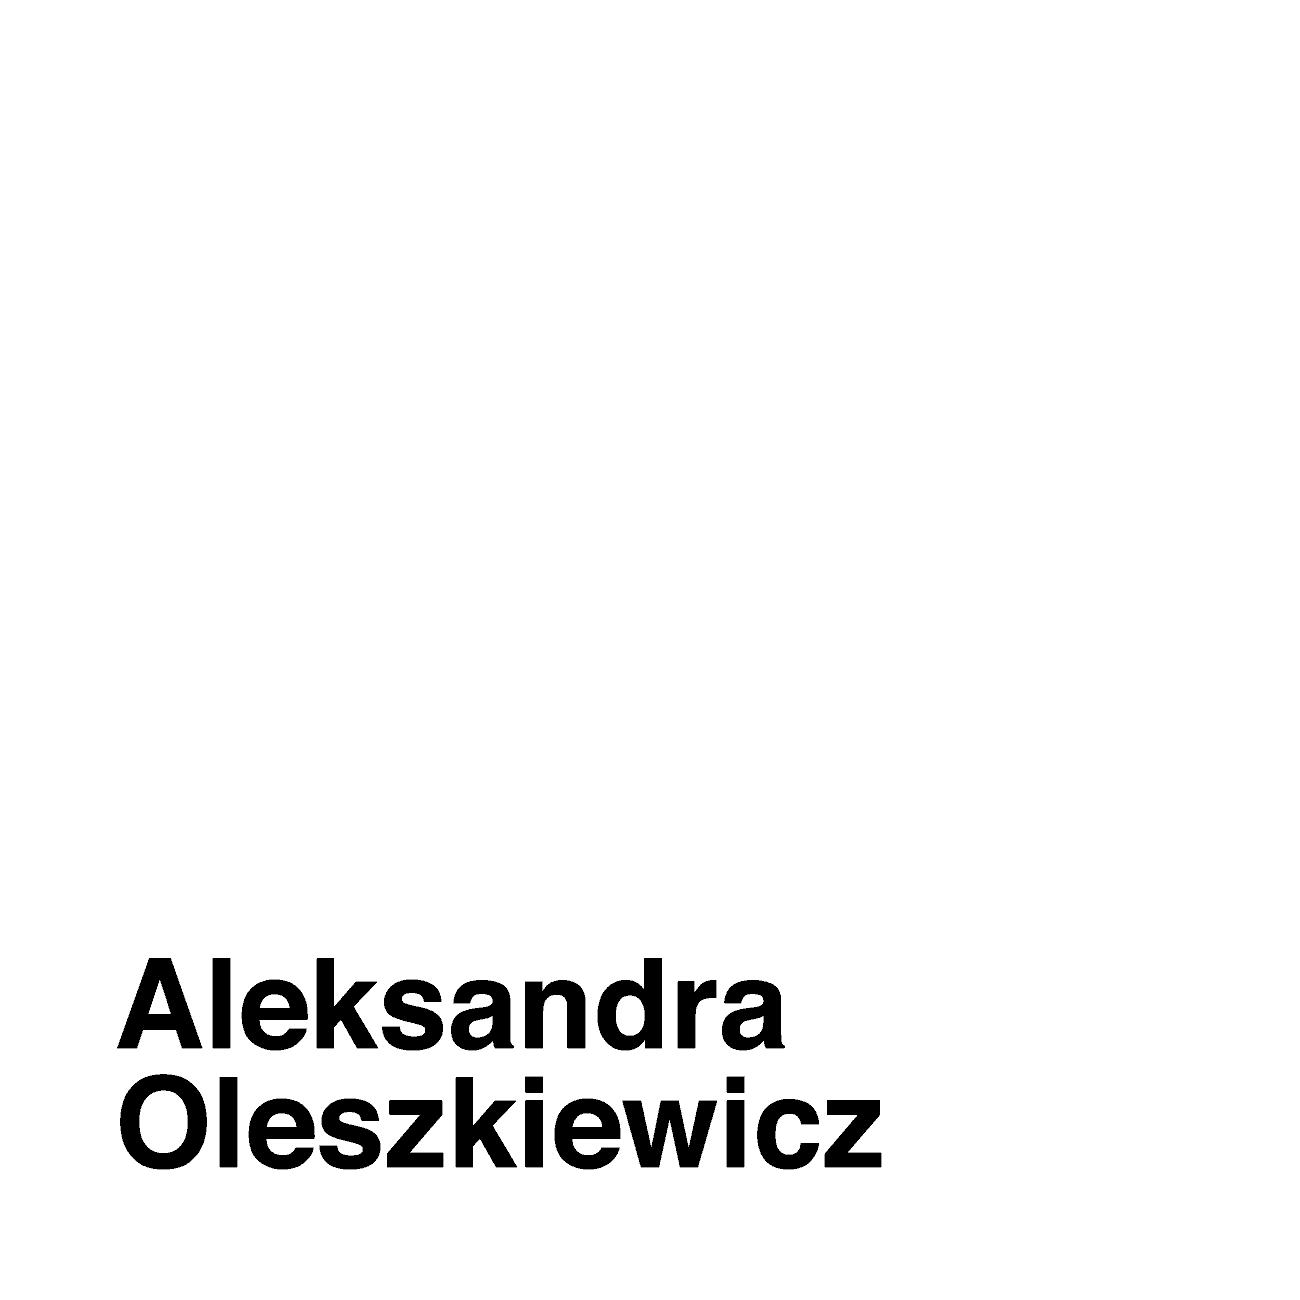 Aleksandra Oleszkiewicz